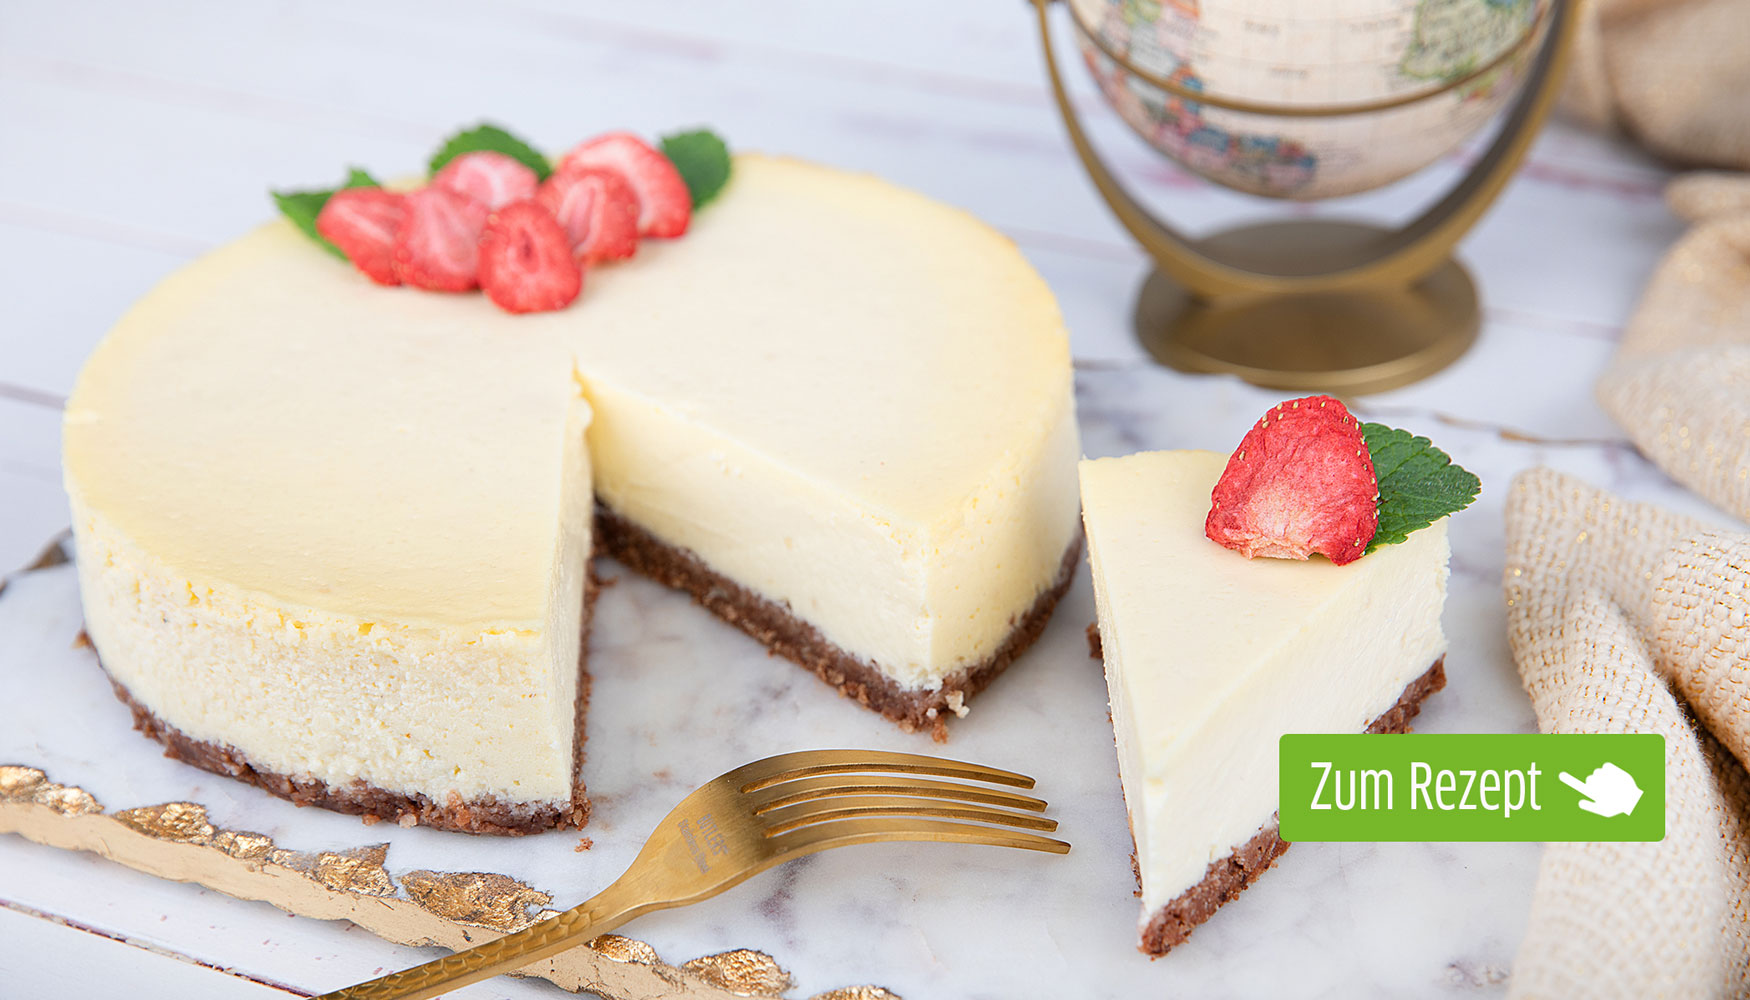 New-York-Cheesecake_Zum-Rezept